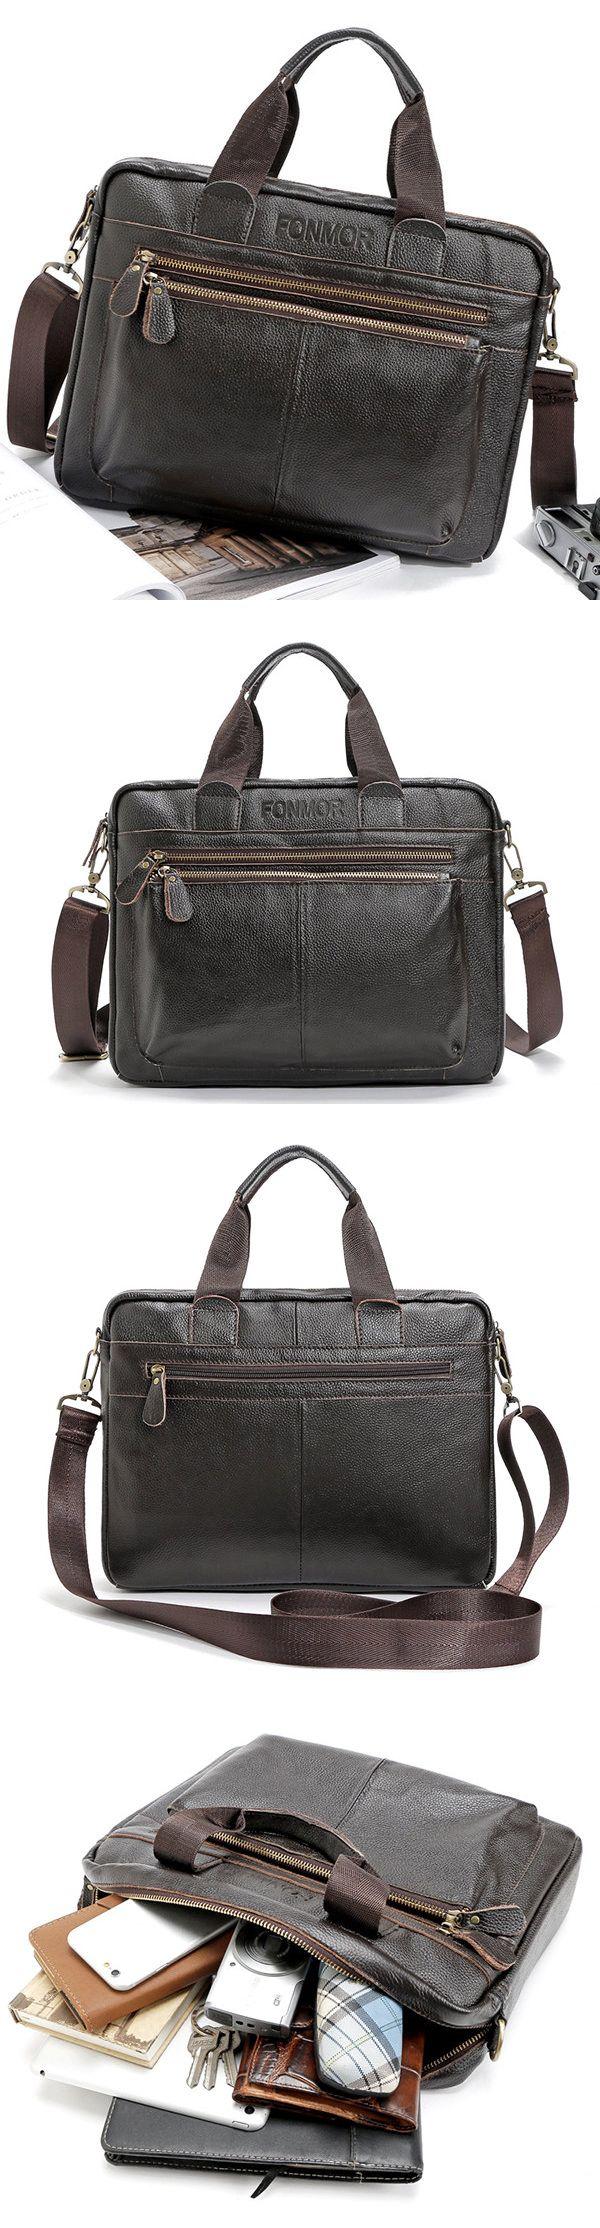 Big Capacity Leather Business Briefcase /Crossbody Bag /Shoulder Bag for Men | Leather saddle bags. Mens leather bag. Man bag